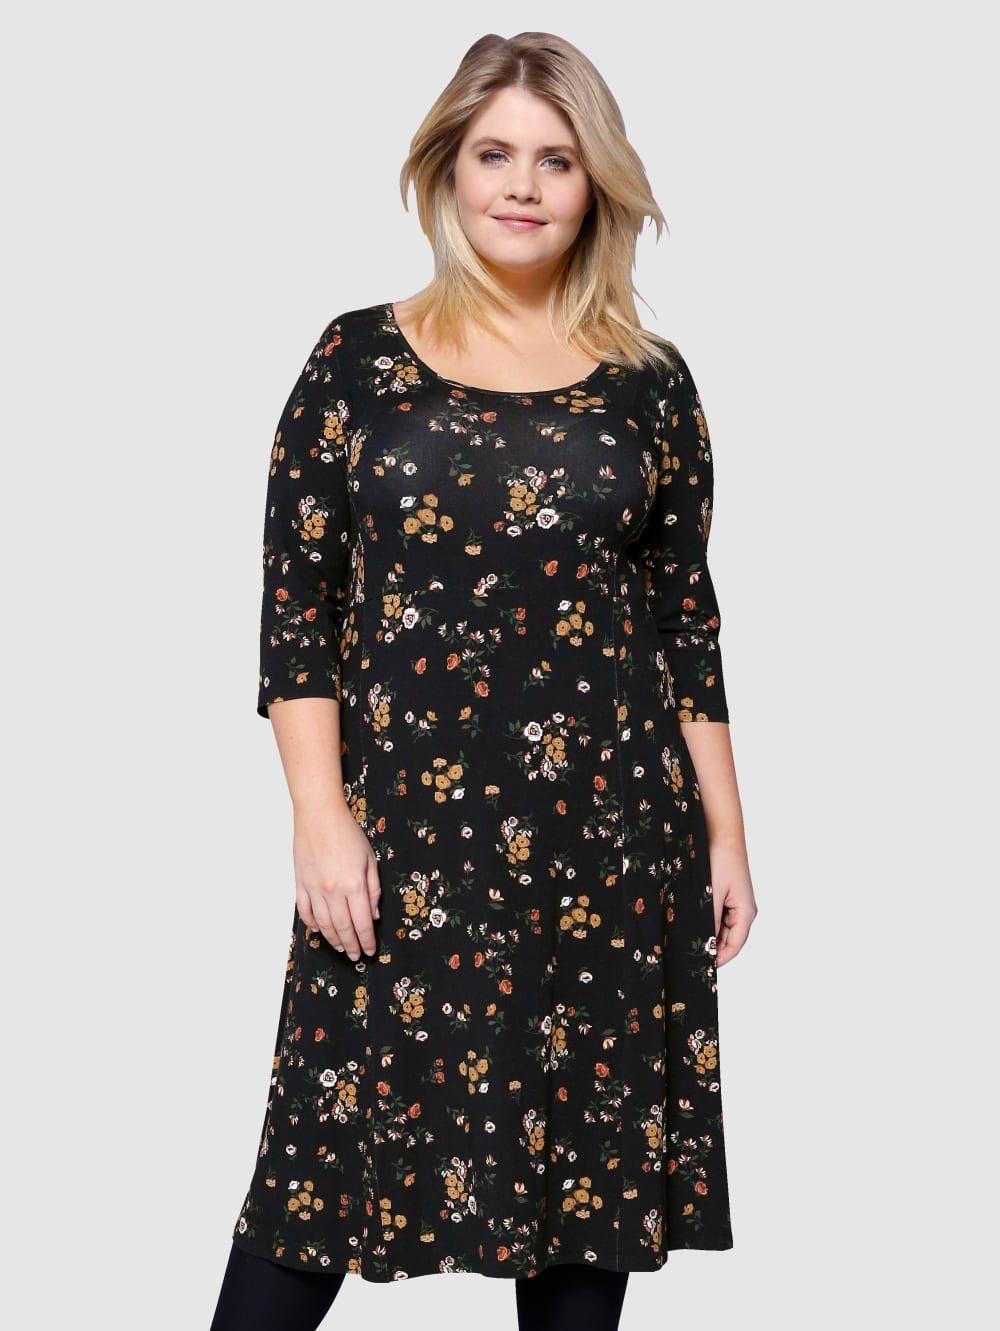 Schön Kleid Kniebedeckt Boutique10 Genial Kleid Kniebedeckt Vertrieb